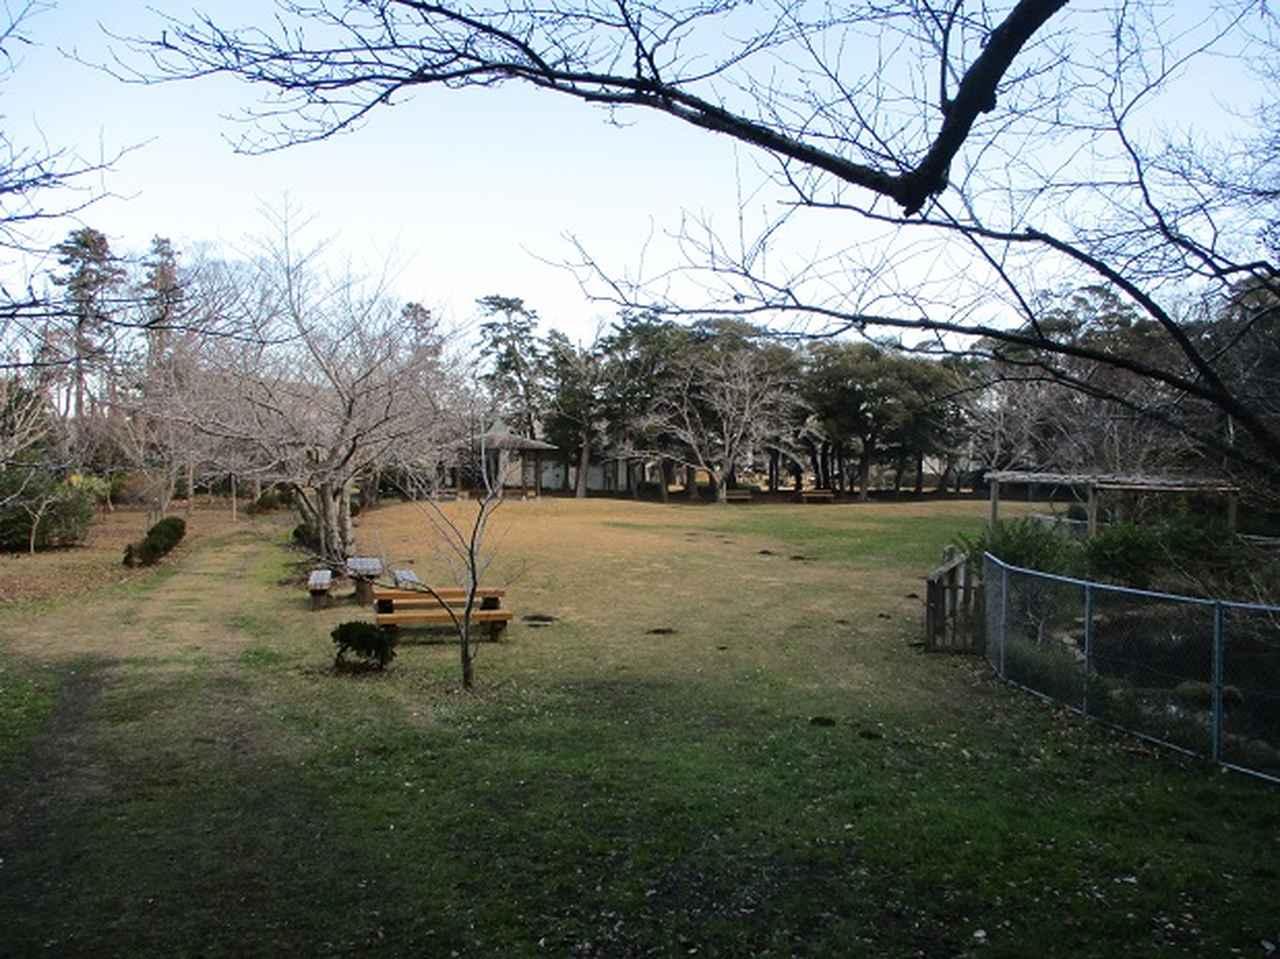 画像1: 1月の山旅会新年企画 「天神山と沖の島」 ツアーの下見にいってまいりました!